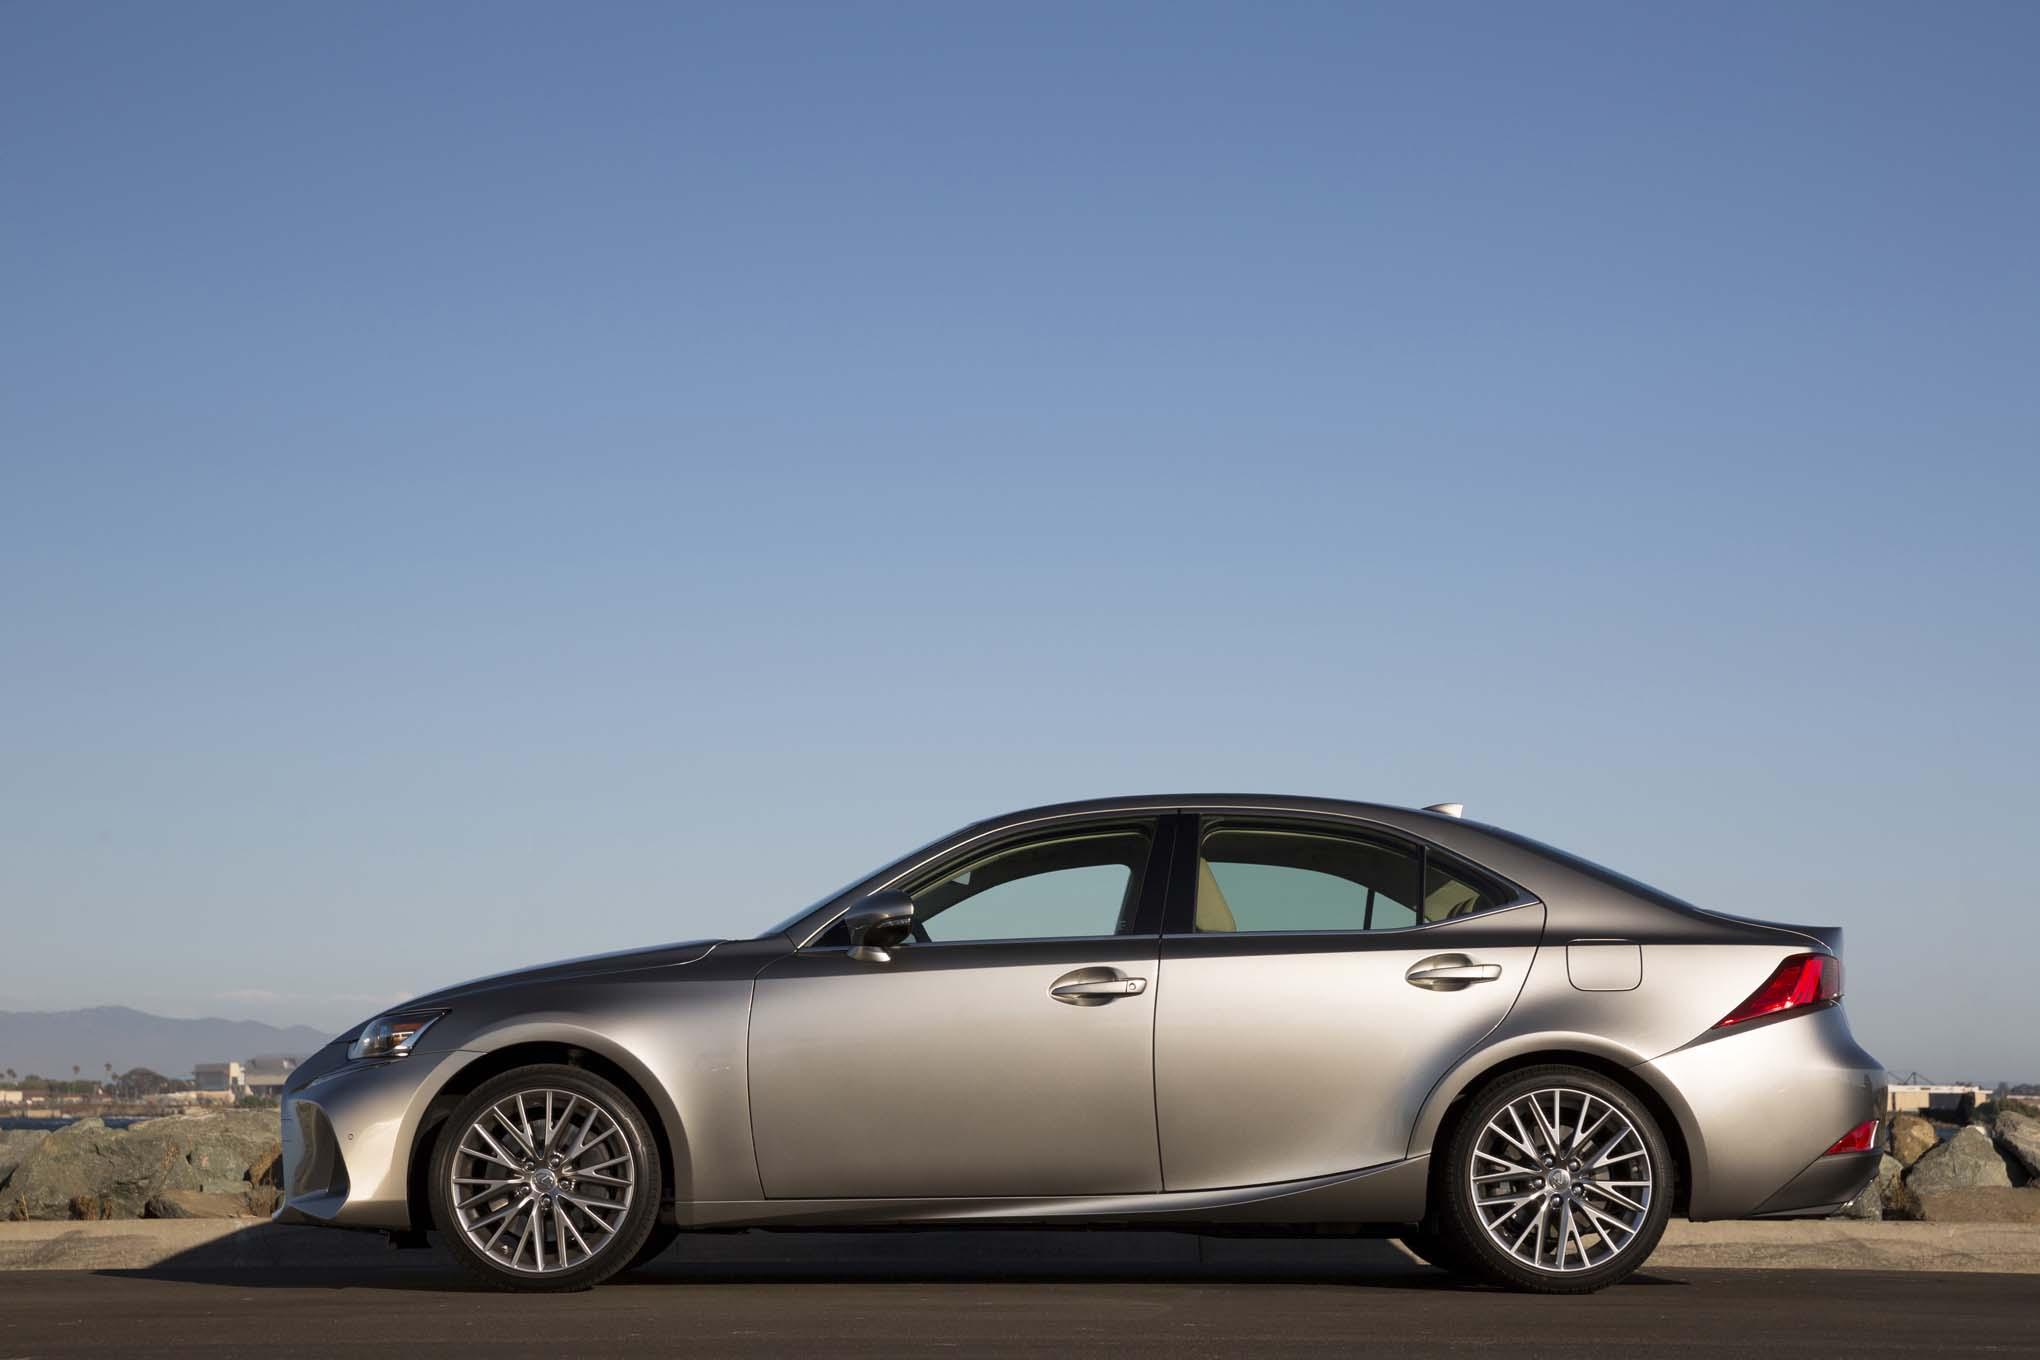 2017 Lexus IS Side View